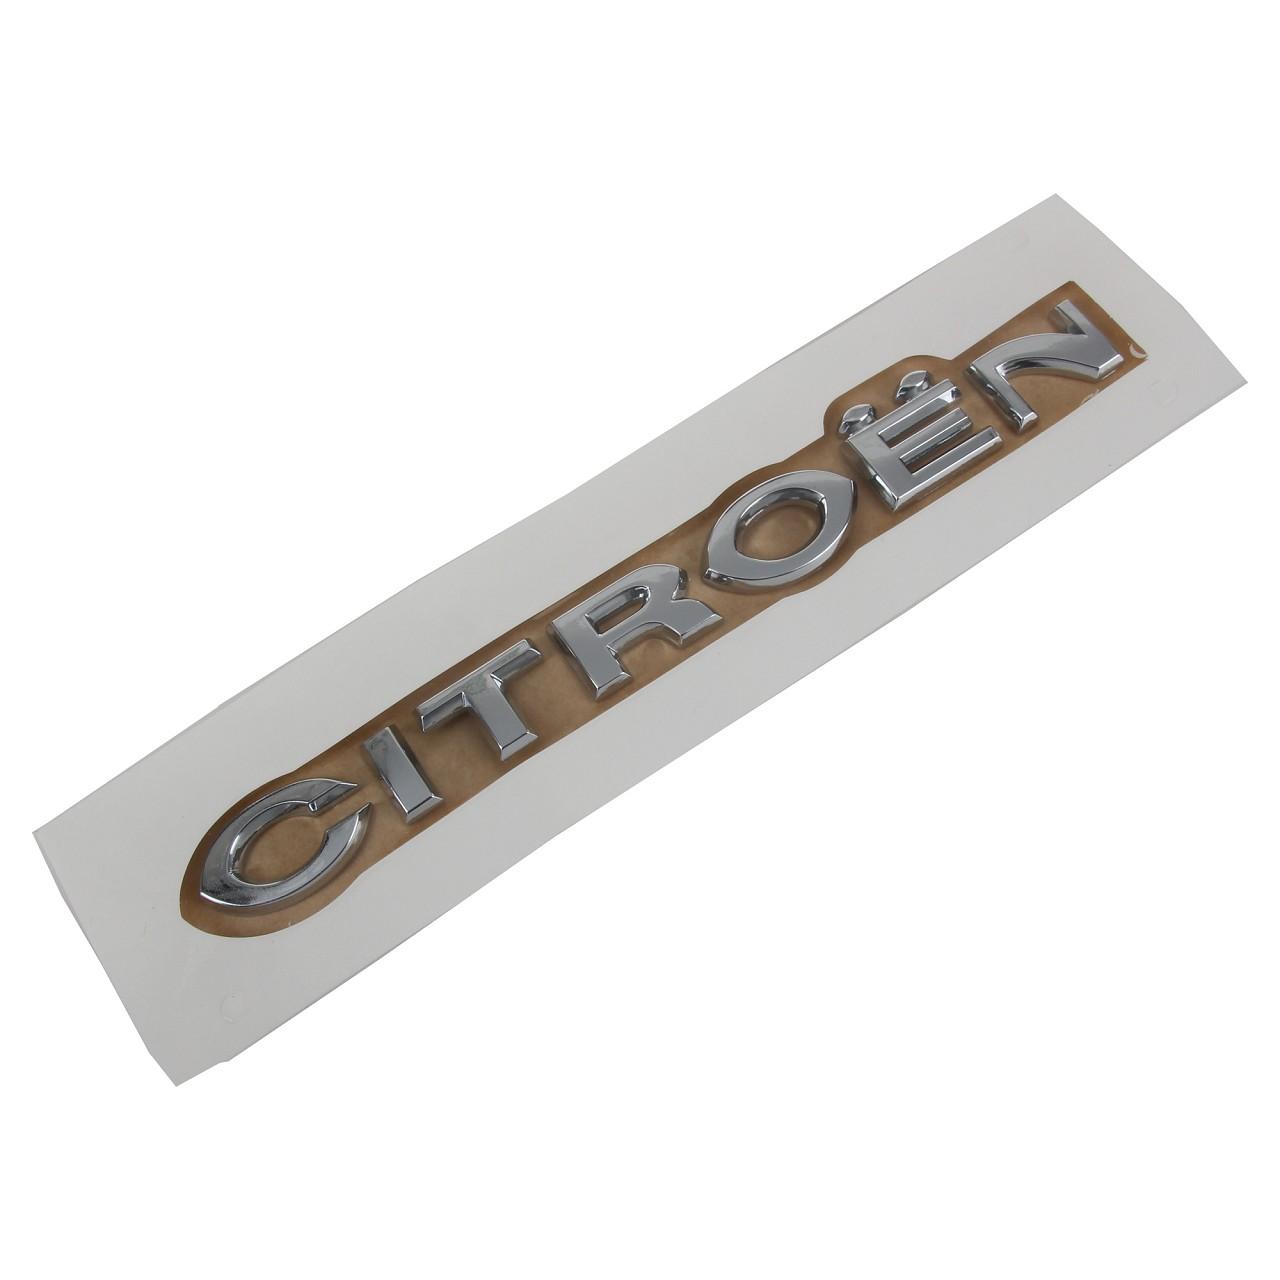 ORIGINAL Citroen Emblem Logo Schriftzug Heckklappe LINKS 8665.Y3 für C3 I (FC_)